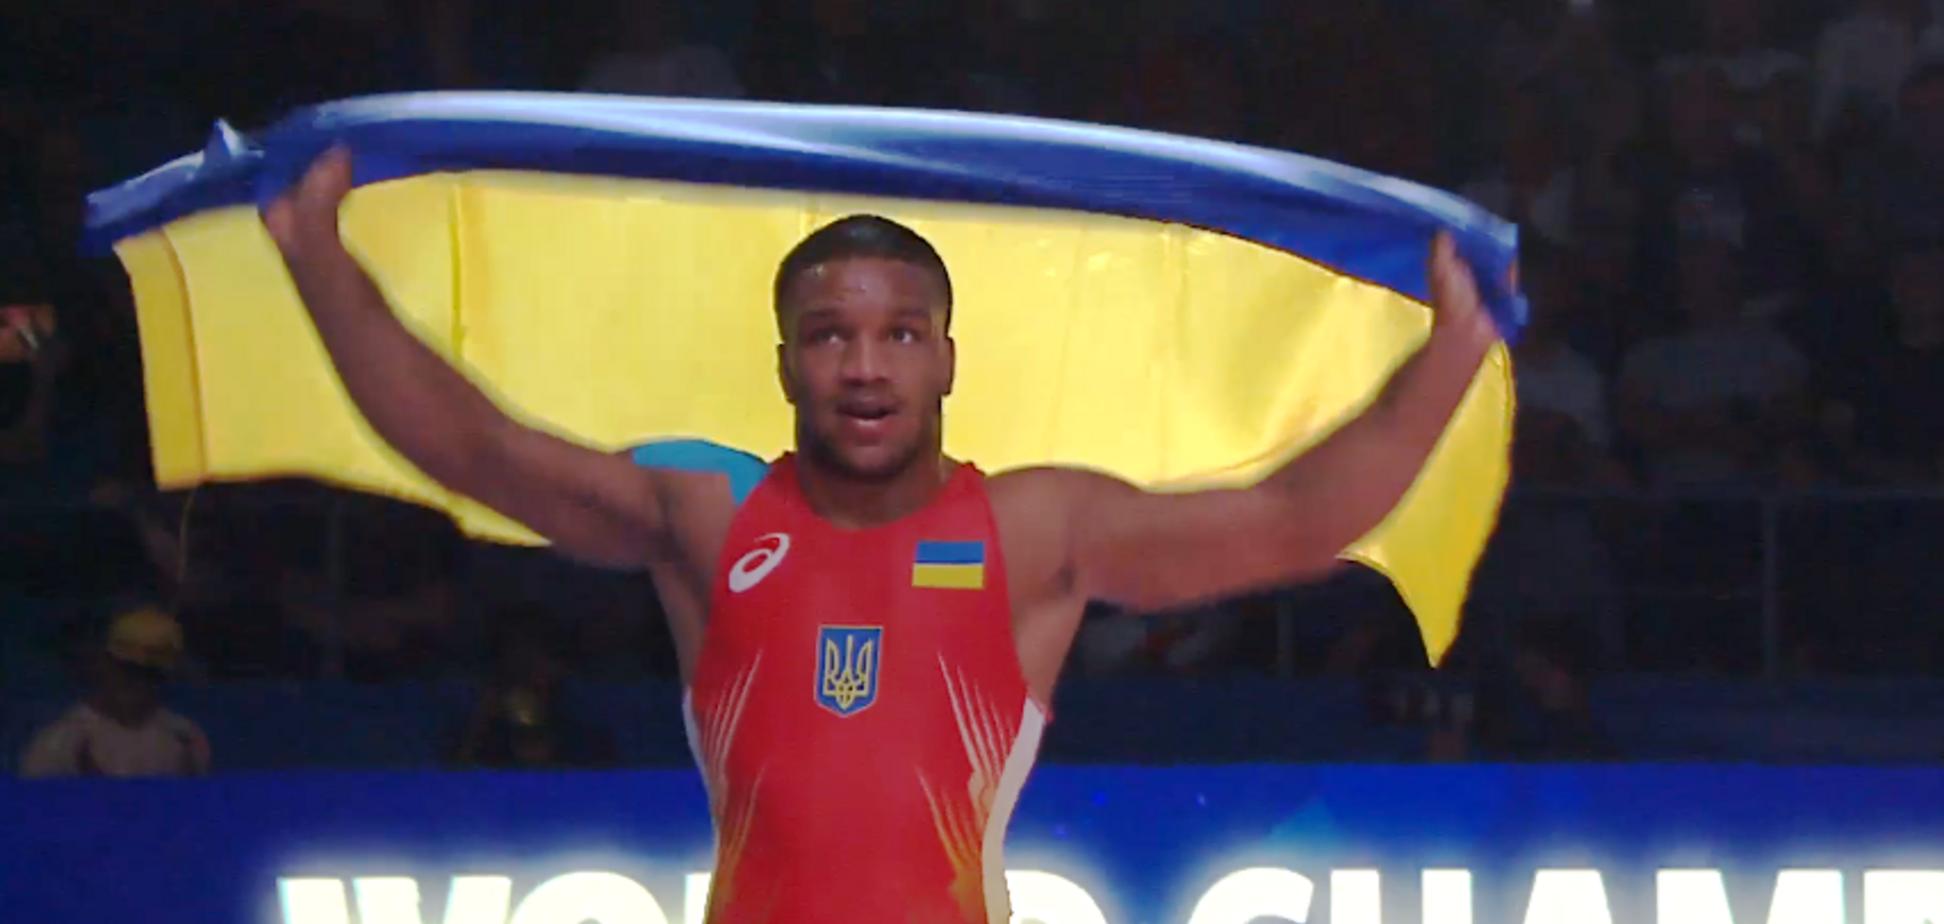 Беленюк установил уникальное достижение, побив рекорд Украины